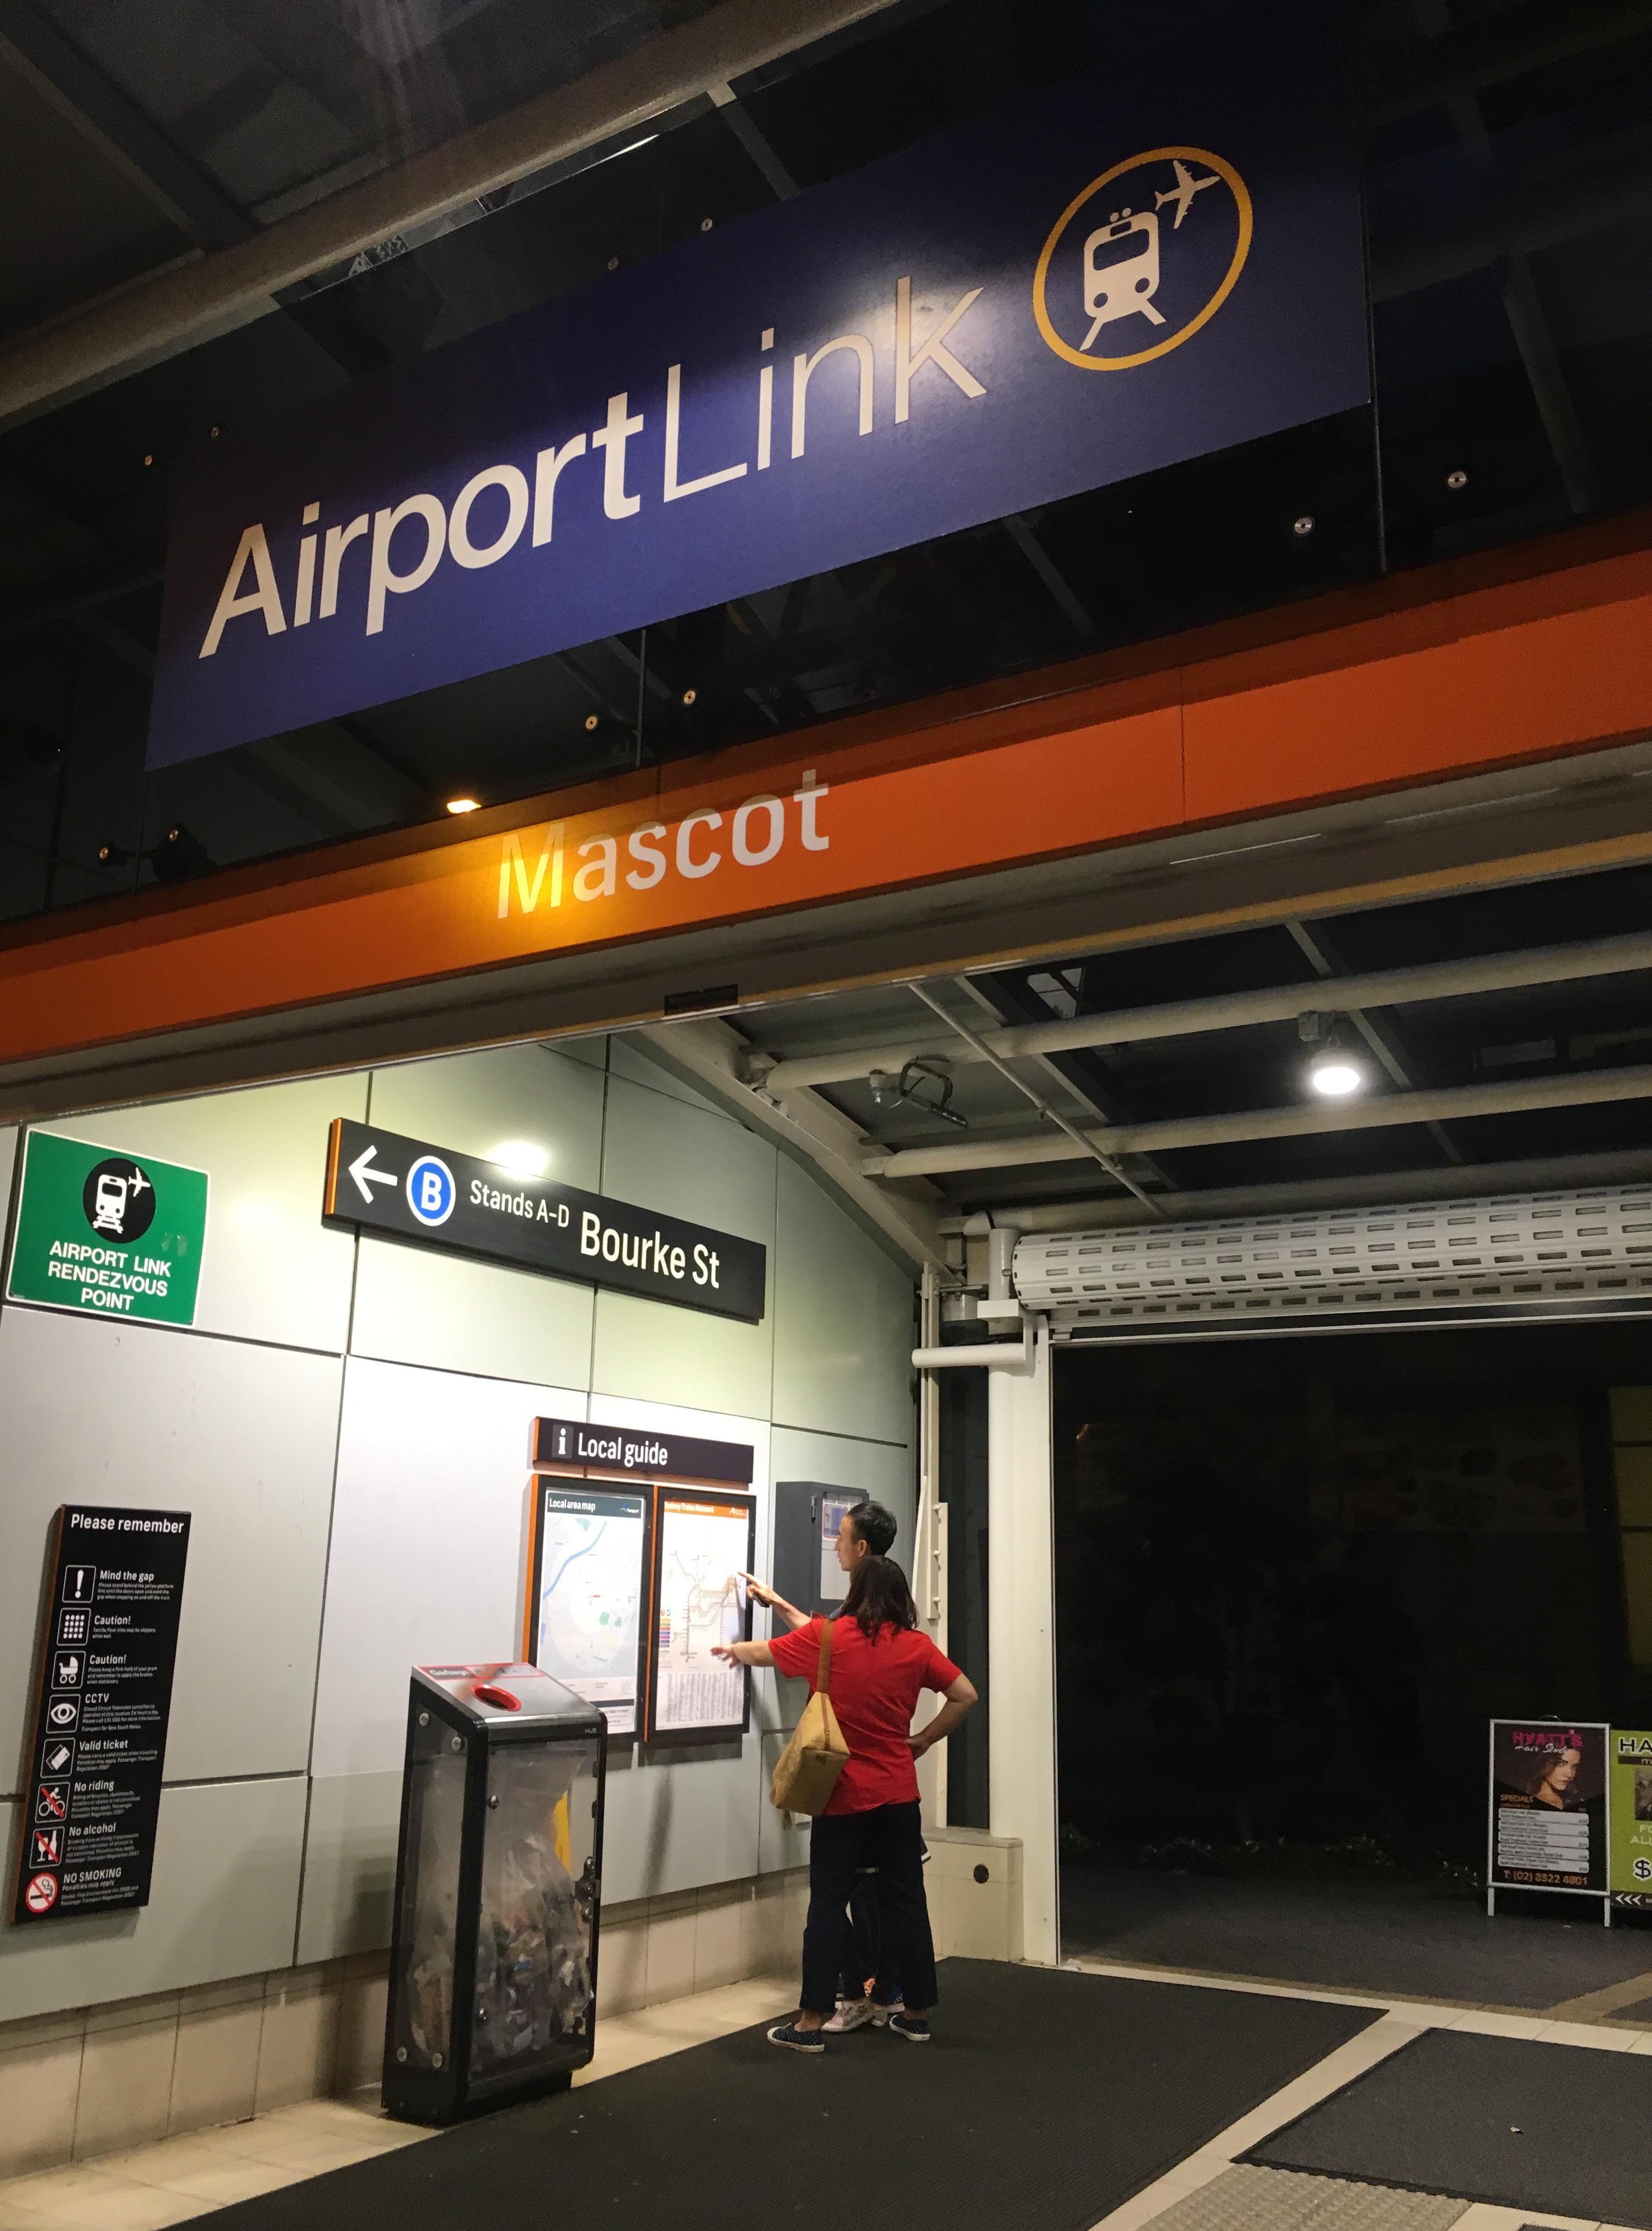 エアポートリンク マスコット駅